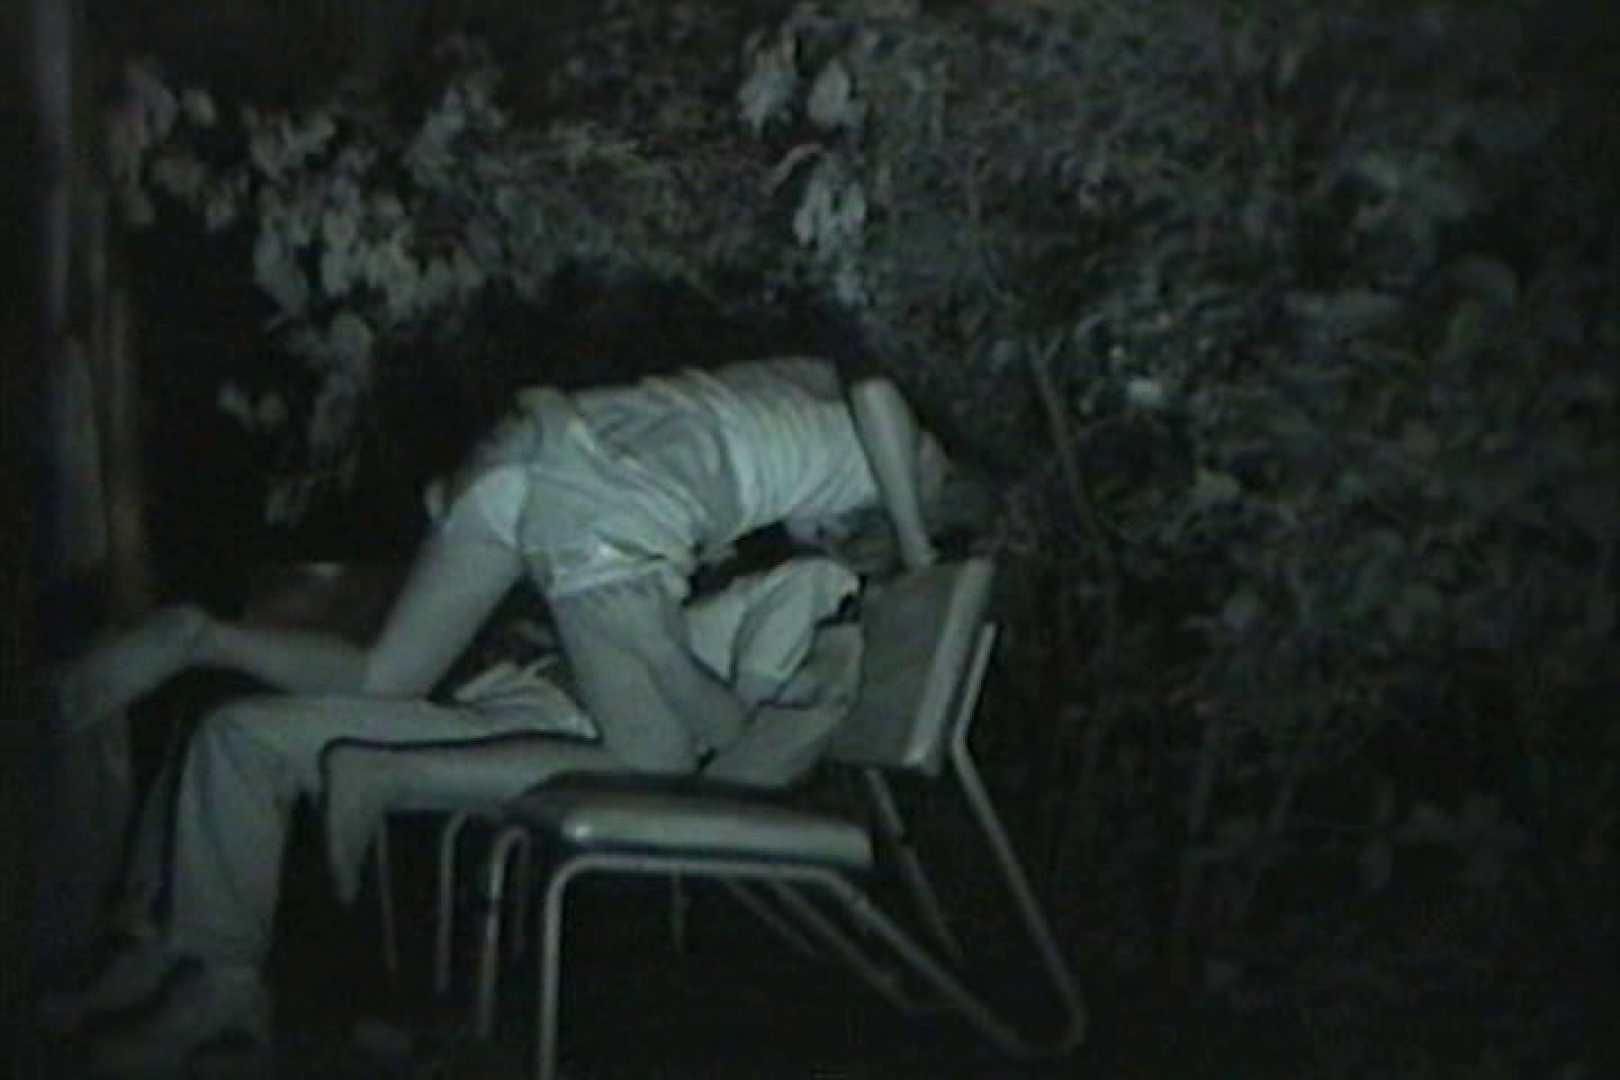 闇の仕掛け人 無修正版 Vol.25 美しいOLの裸体  102pic 12